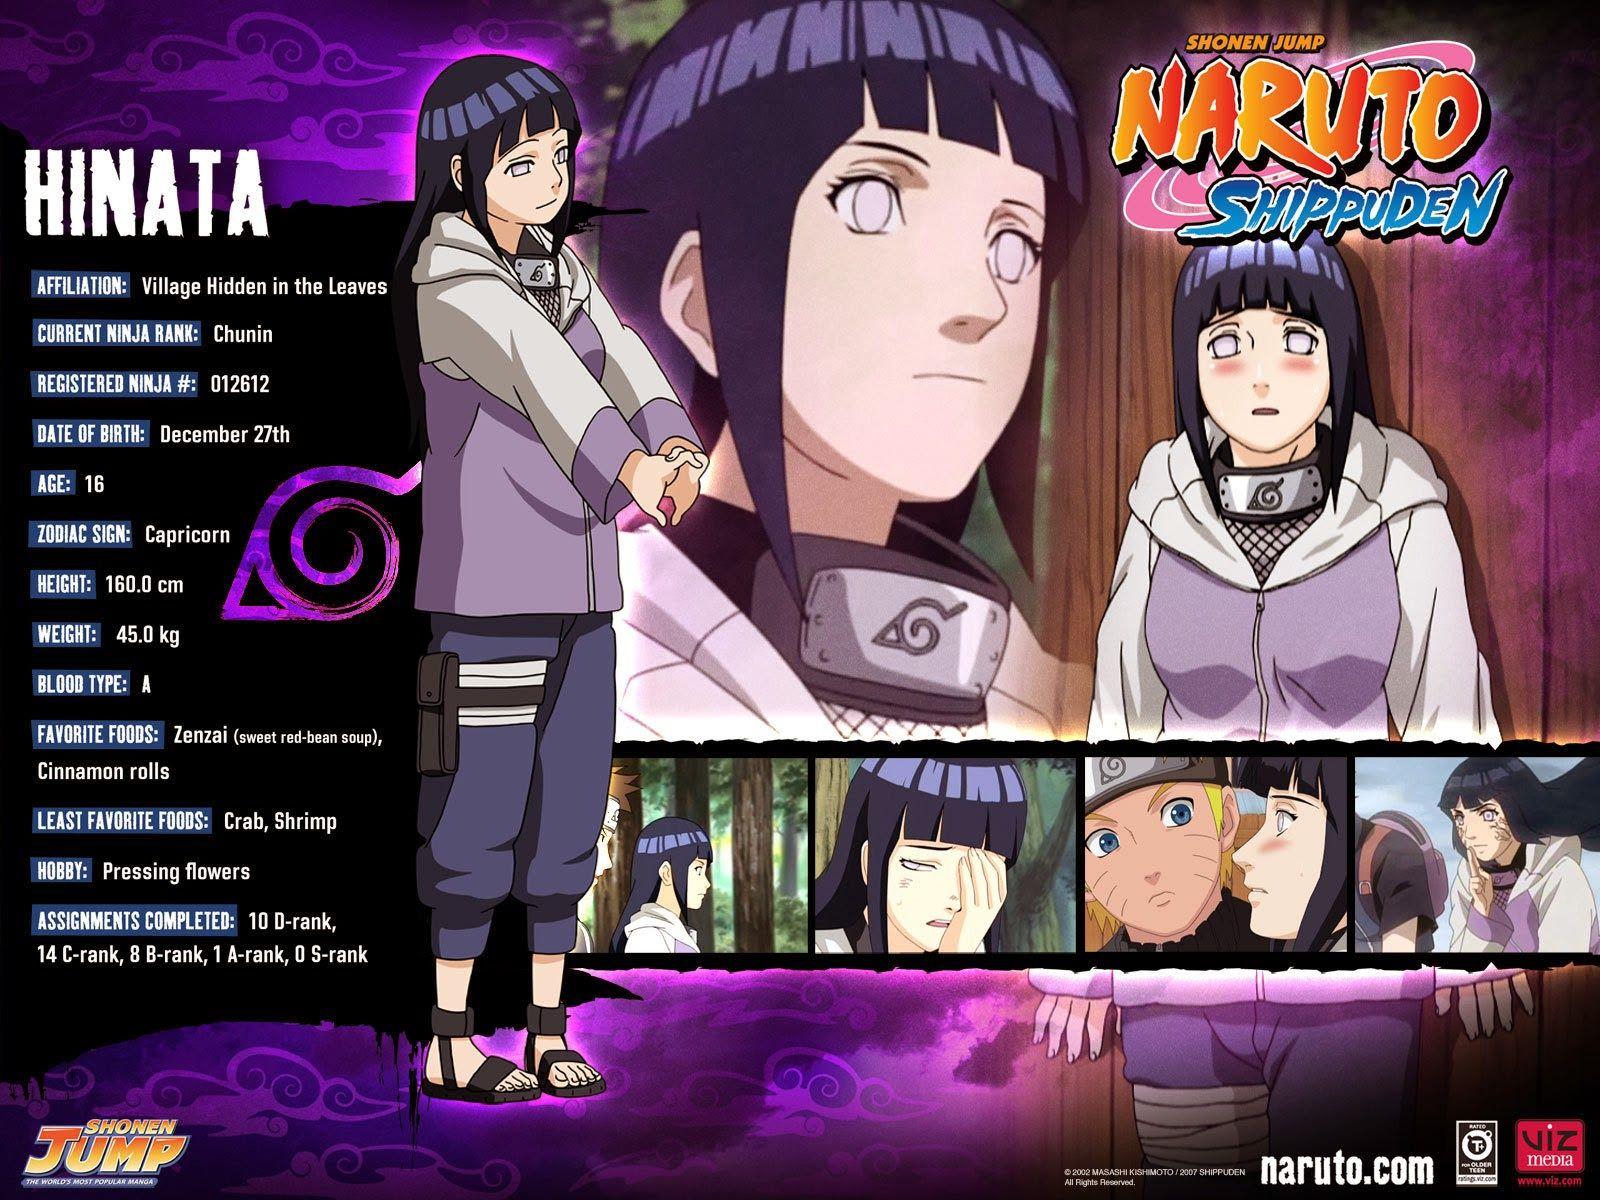 FotoFoto Naruto Shippuden Terbaru 2014 Naruto character